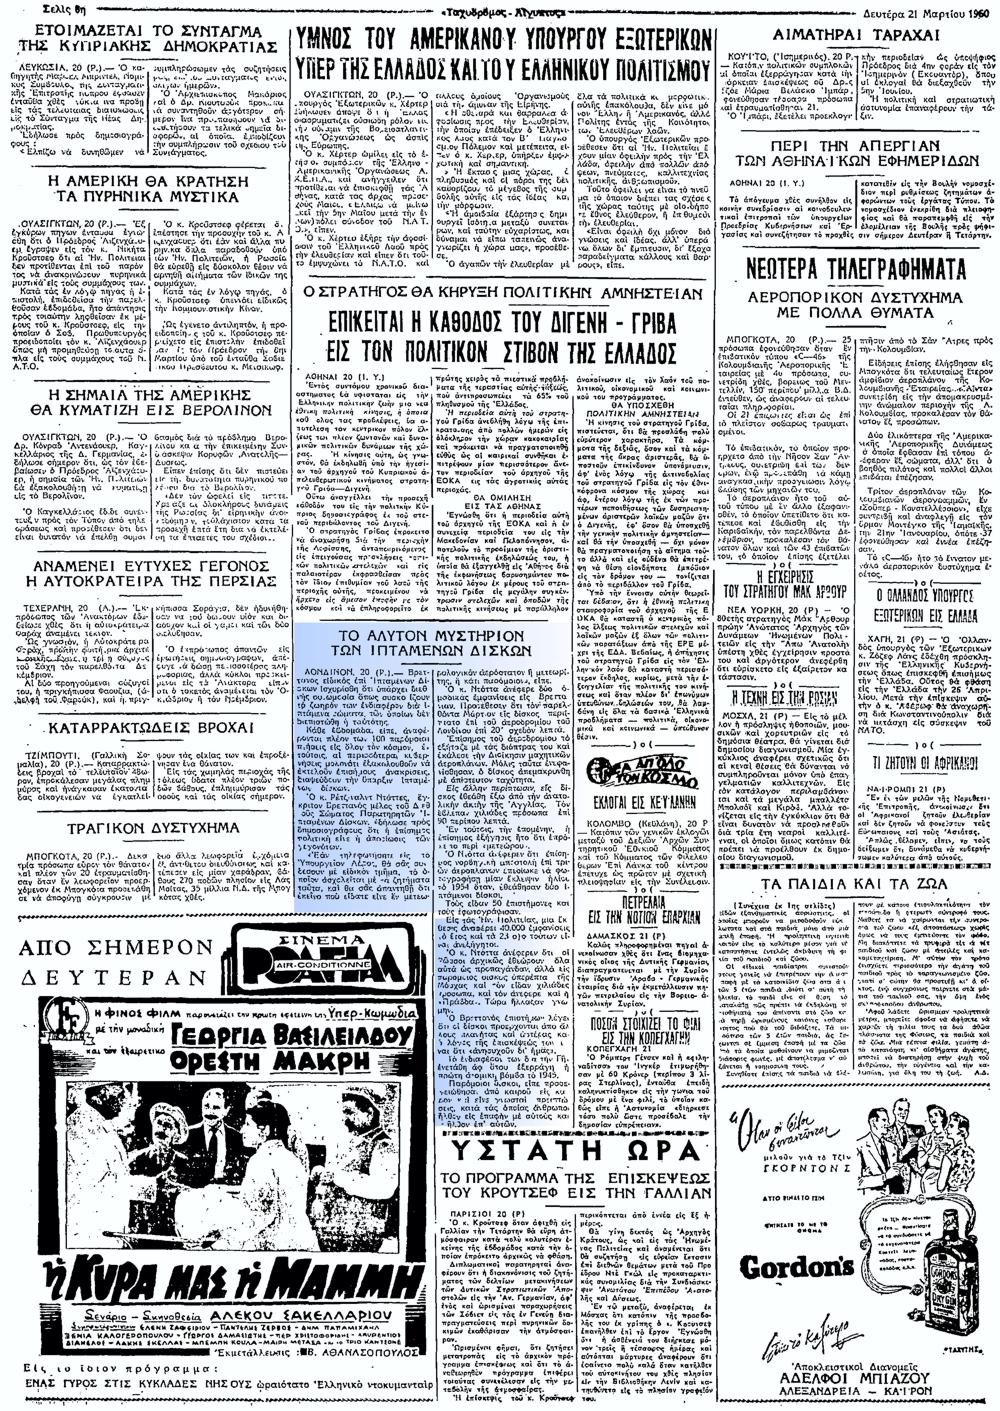 """Το άρθρο, όπως δημοσιεύθηκε στην εφημερίδα """"ΤΑΧΥΔΡΟΜΟΣ"""", στις 21/03/1960"""